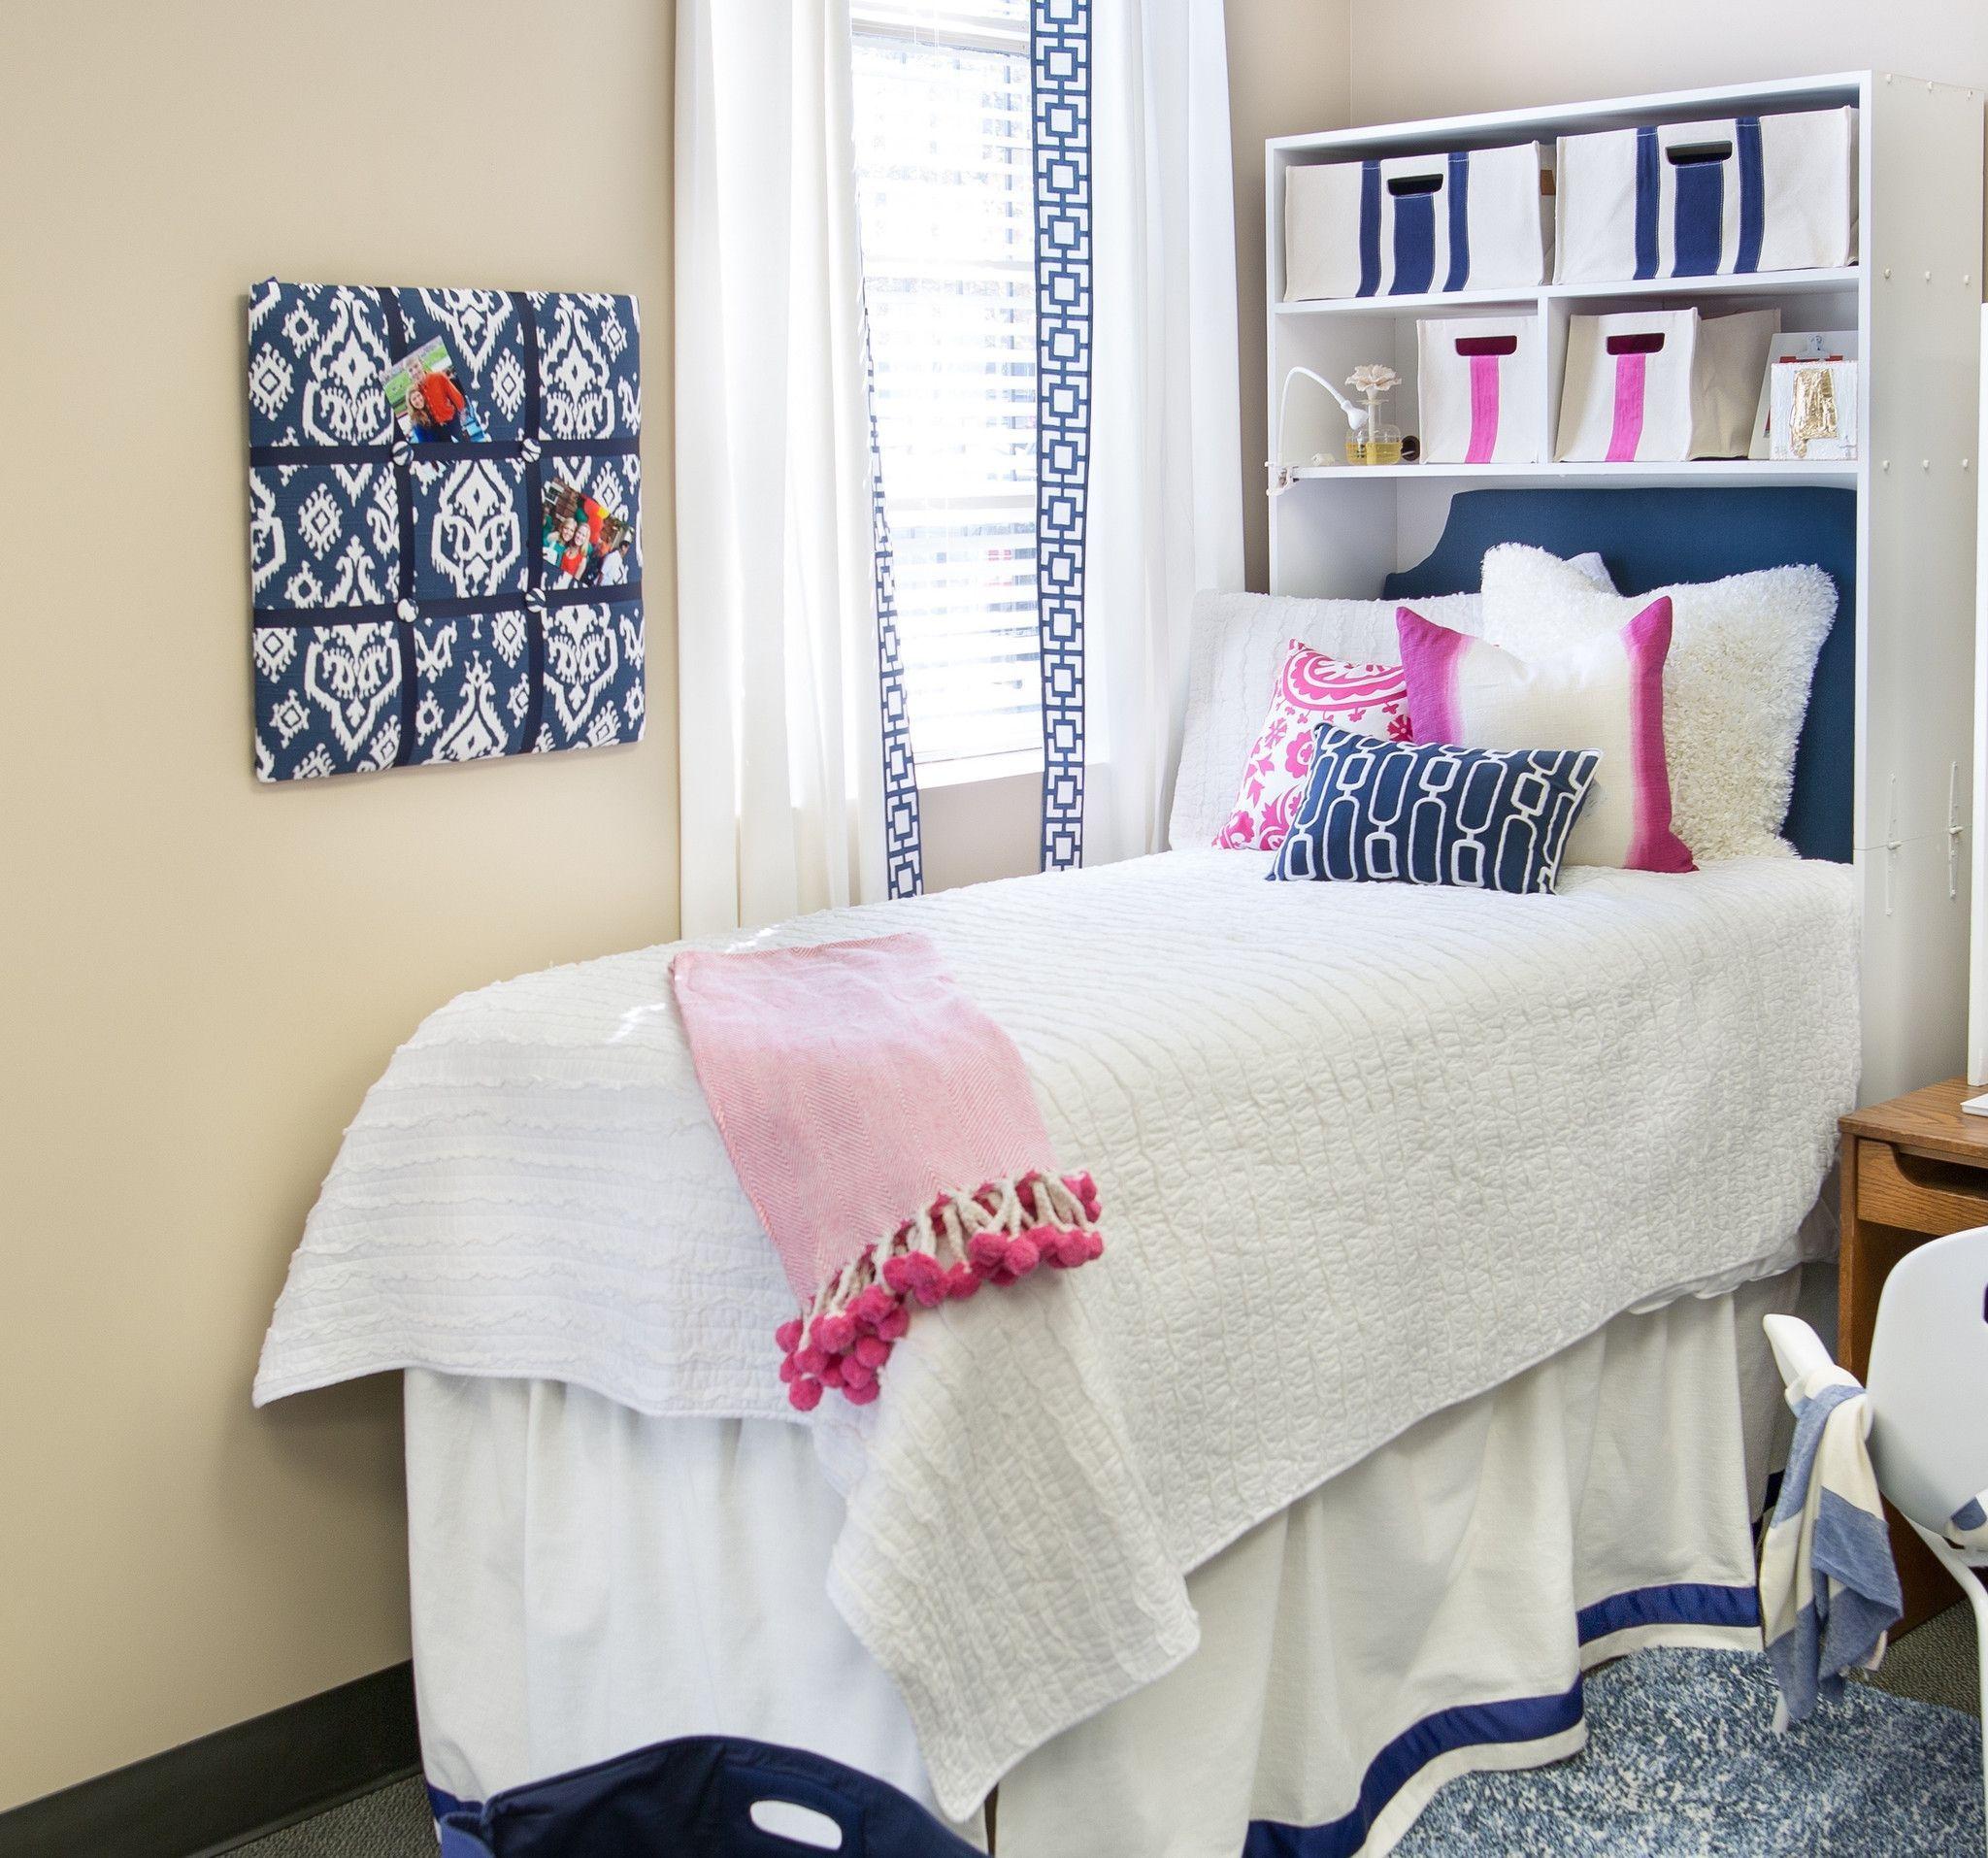 Pin de fer en home pinterest decoraci n de for Habitaciones para estudiantes universitarios